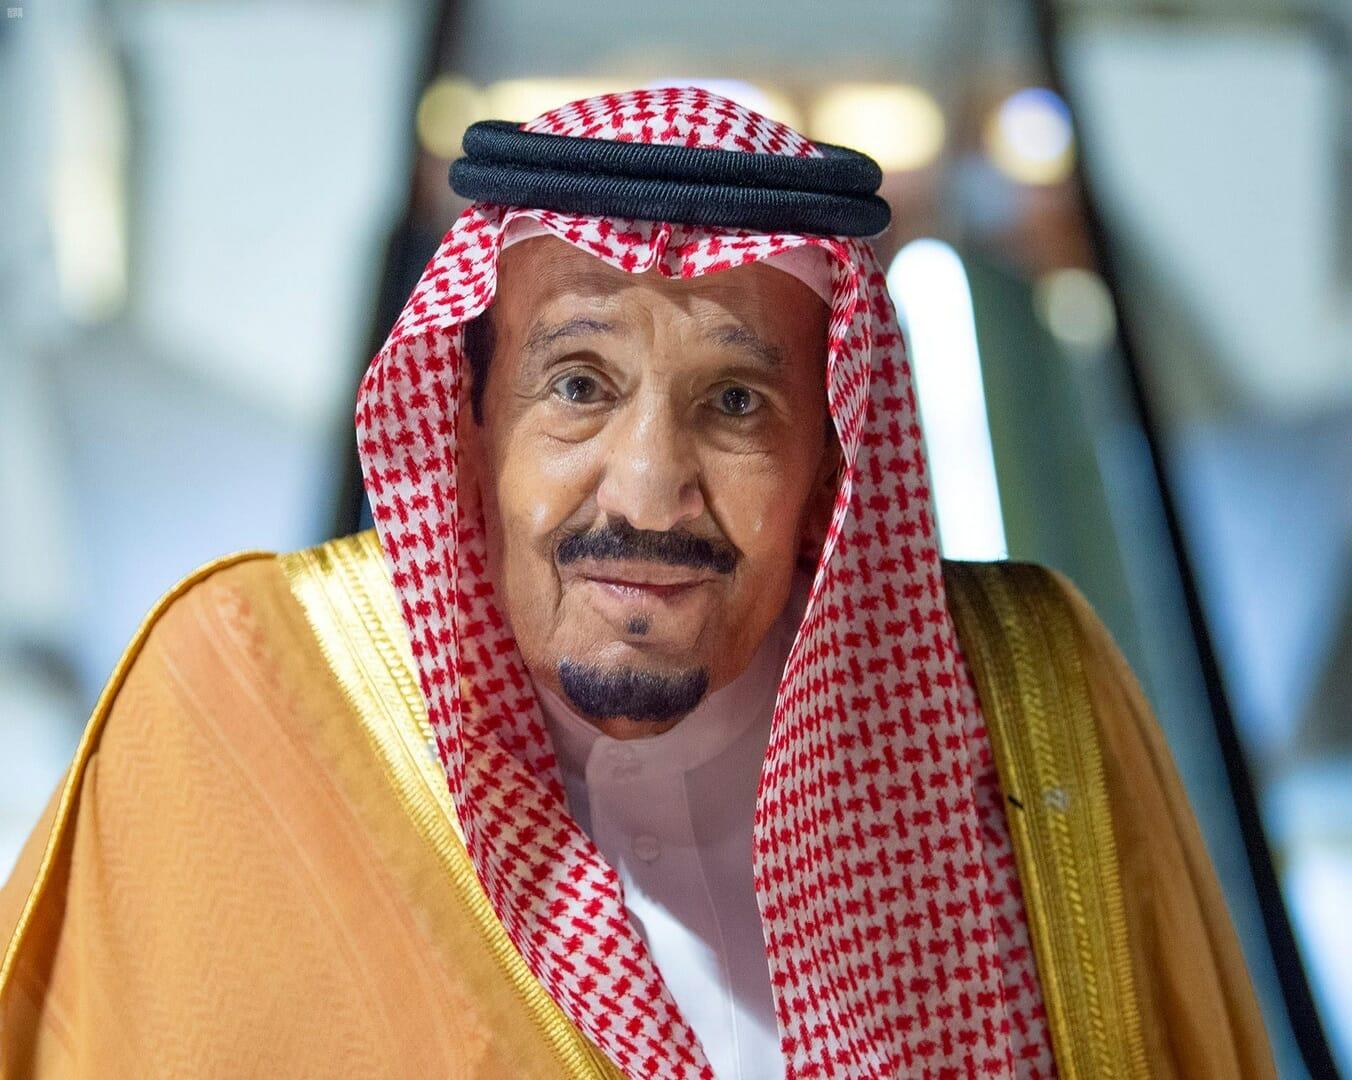 سعد الفقيه يكشف عن مرض الملك سلمان وذاكرته التي لا تتجاوز بضع دقائق وقصة محمد بن نايف